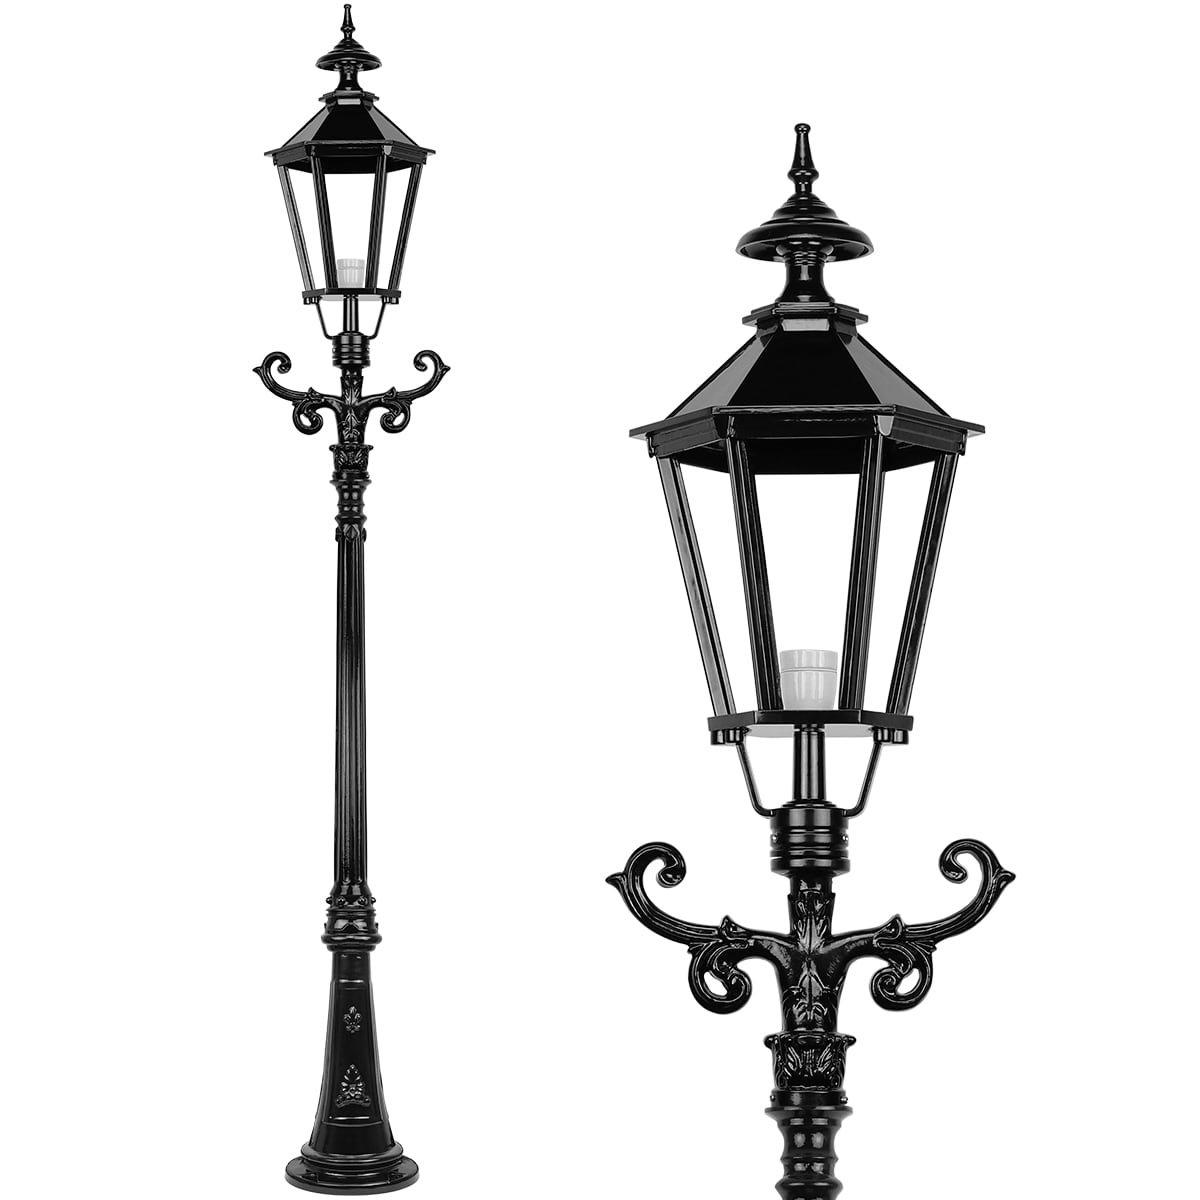 Outdoor Lighting Classic Rural Lantern lamp hexagon Schoorldam - 275 cm